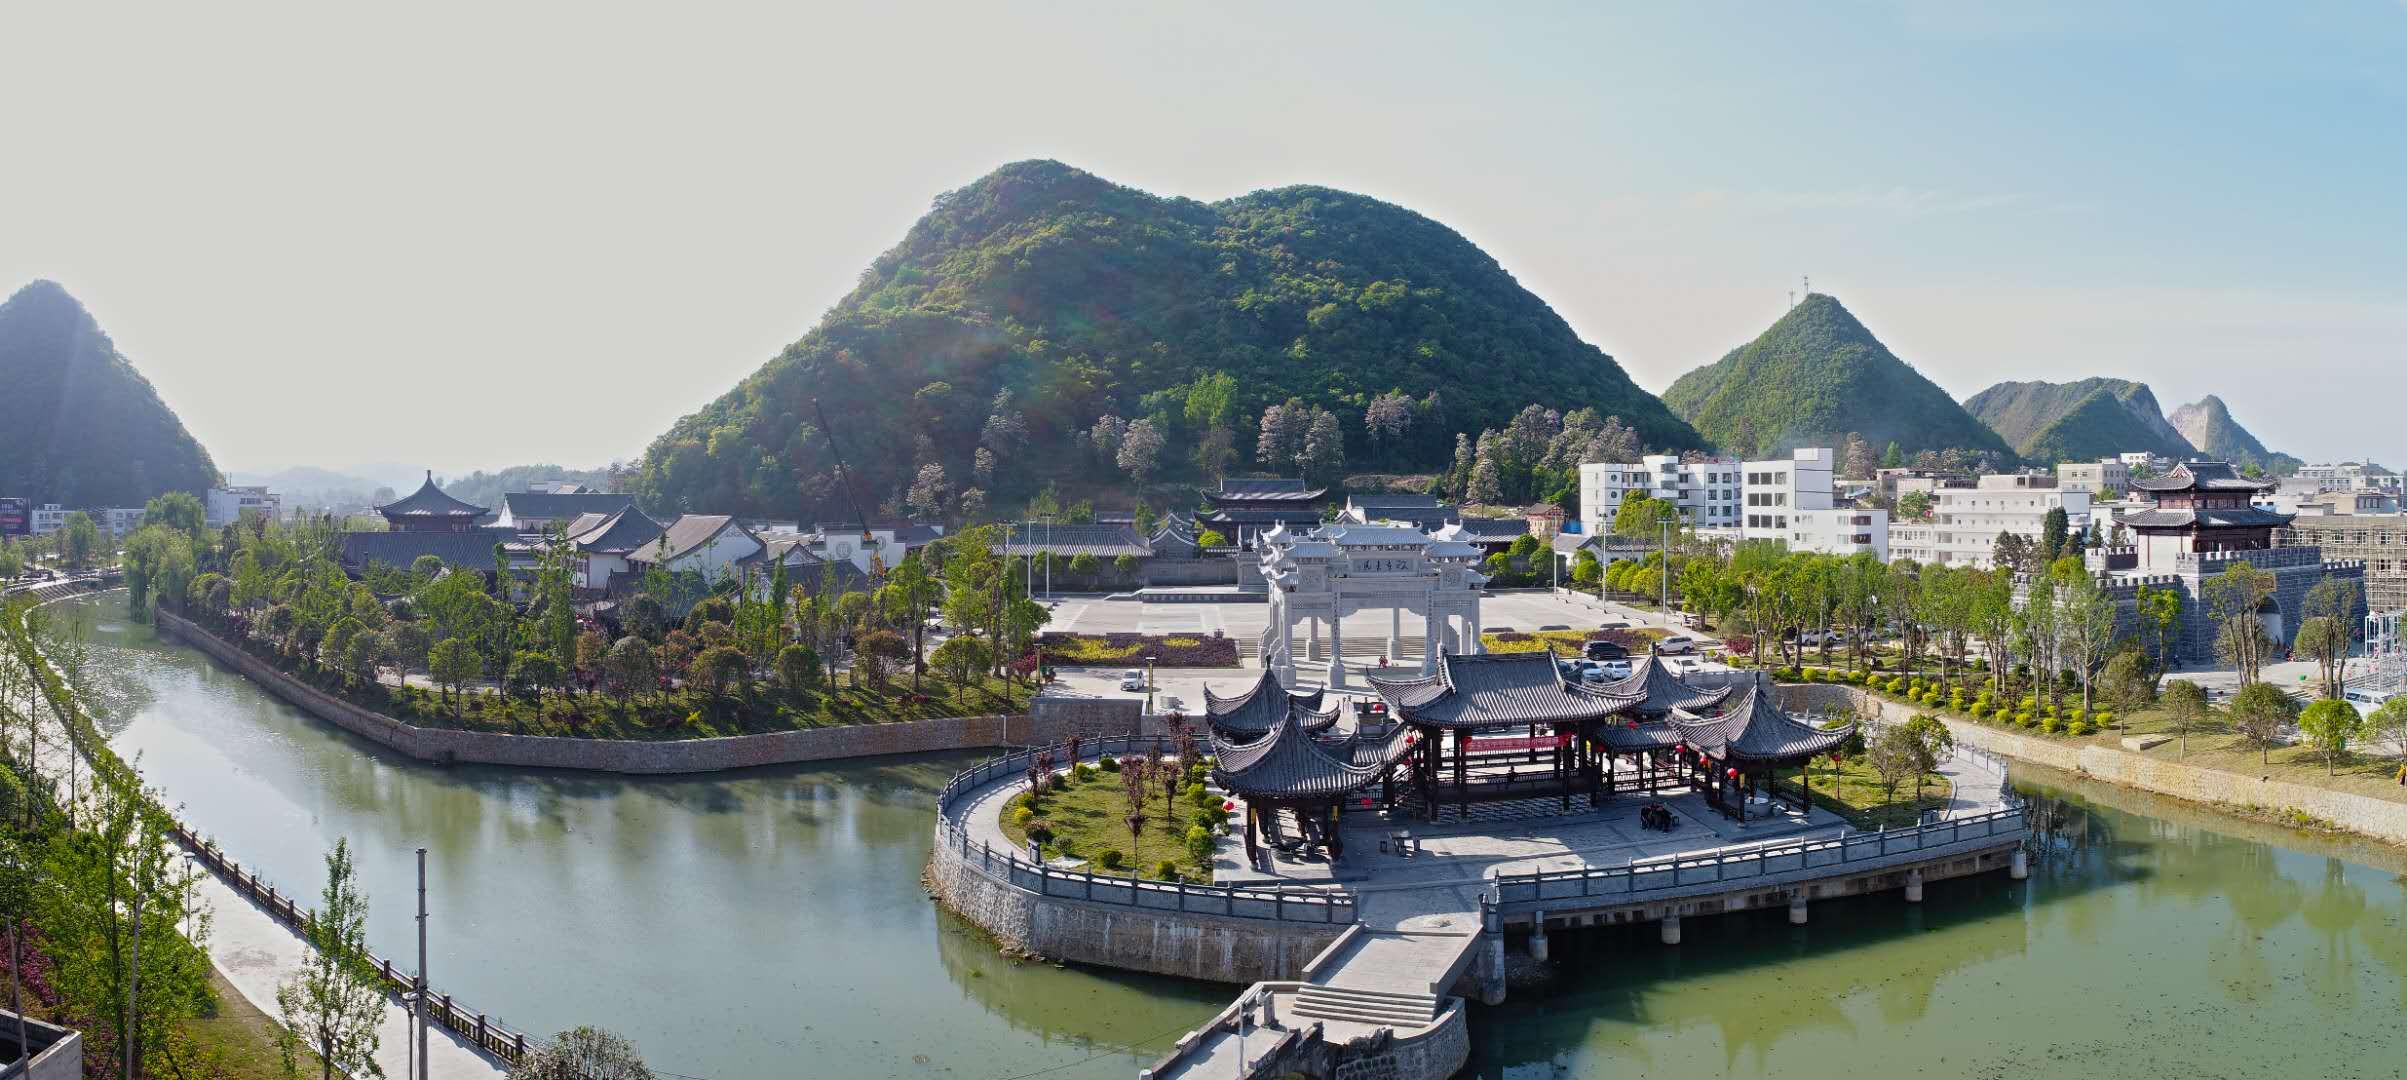 黔南州长顺着少数民族特色小镇亚博网站首页